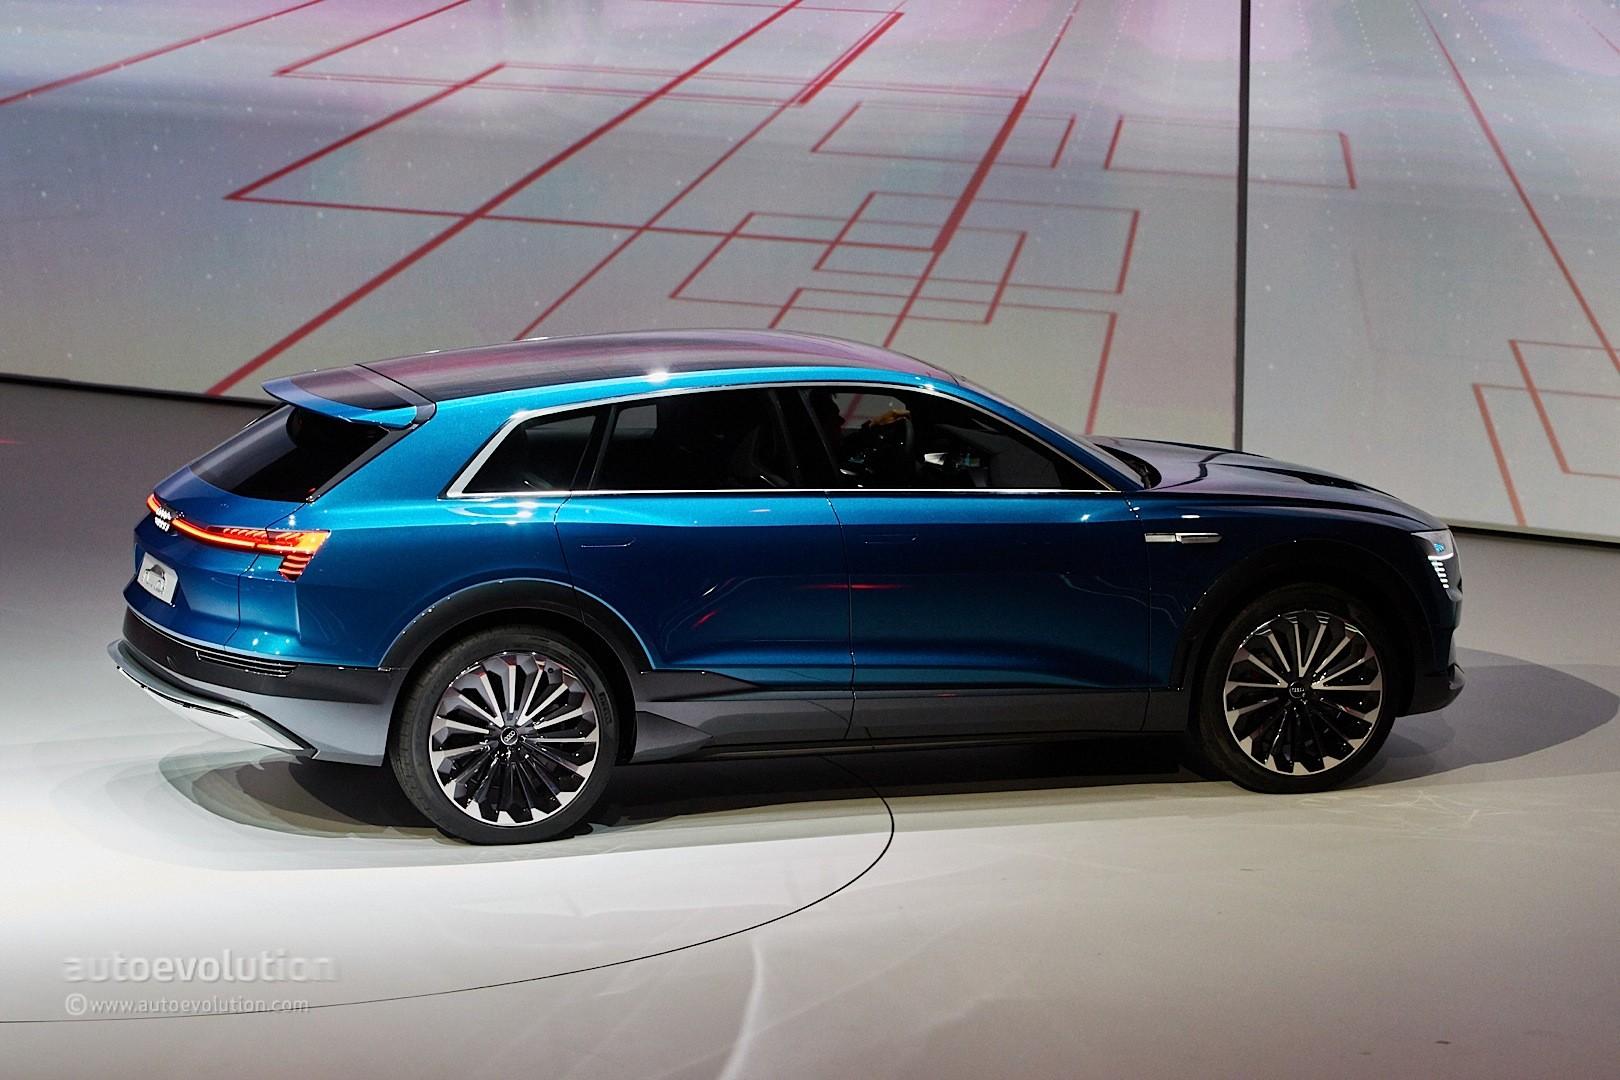 Audi e-tron quattro Concept Is a Tesla Rival in Sexy SUV Form - autoevolution